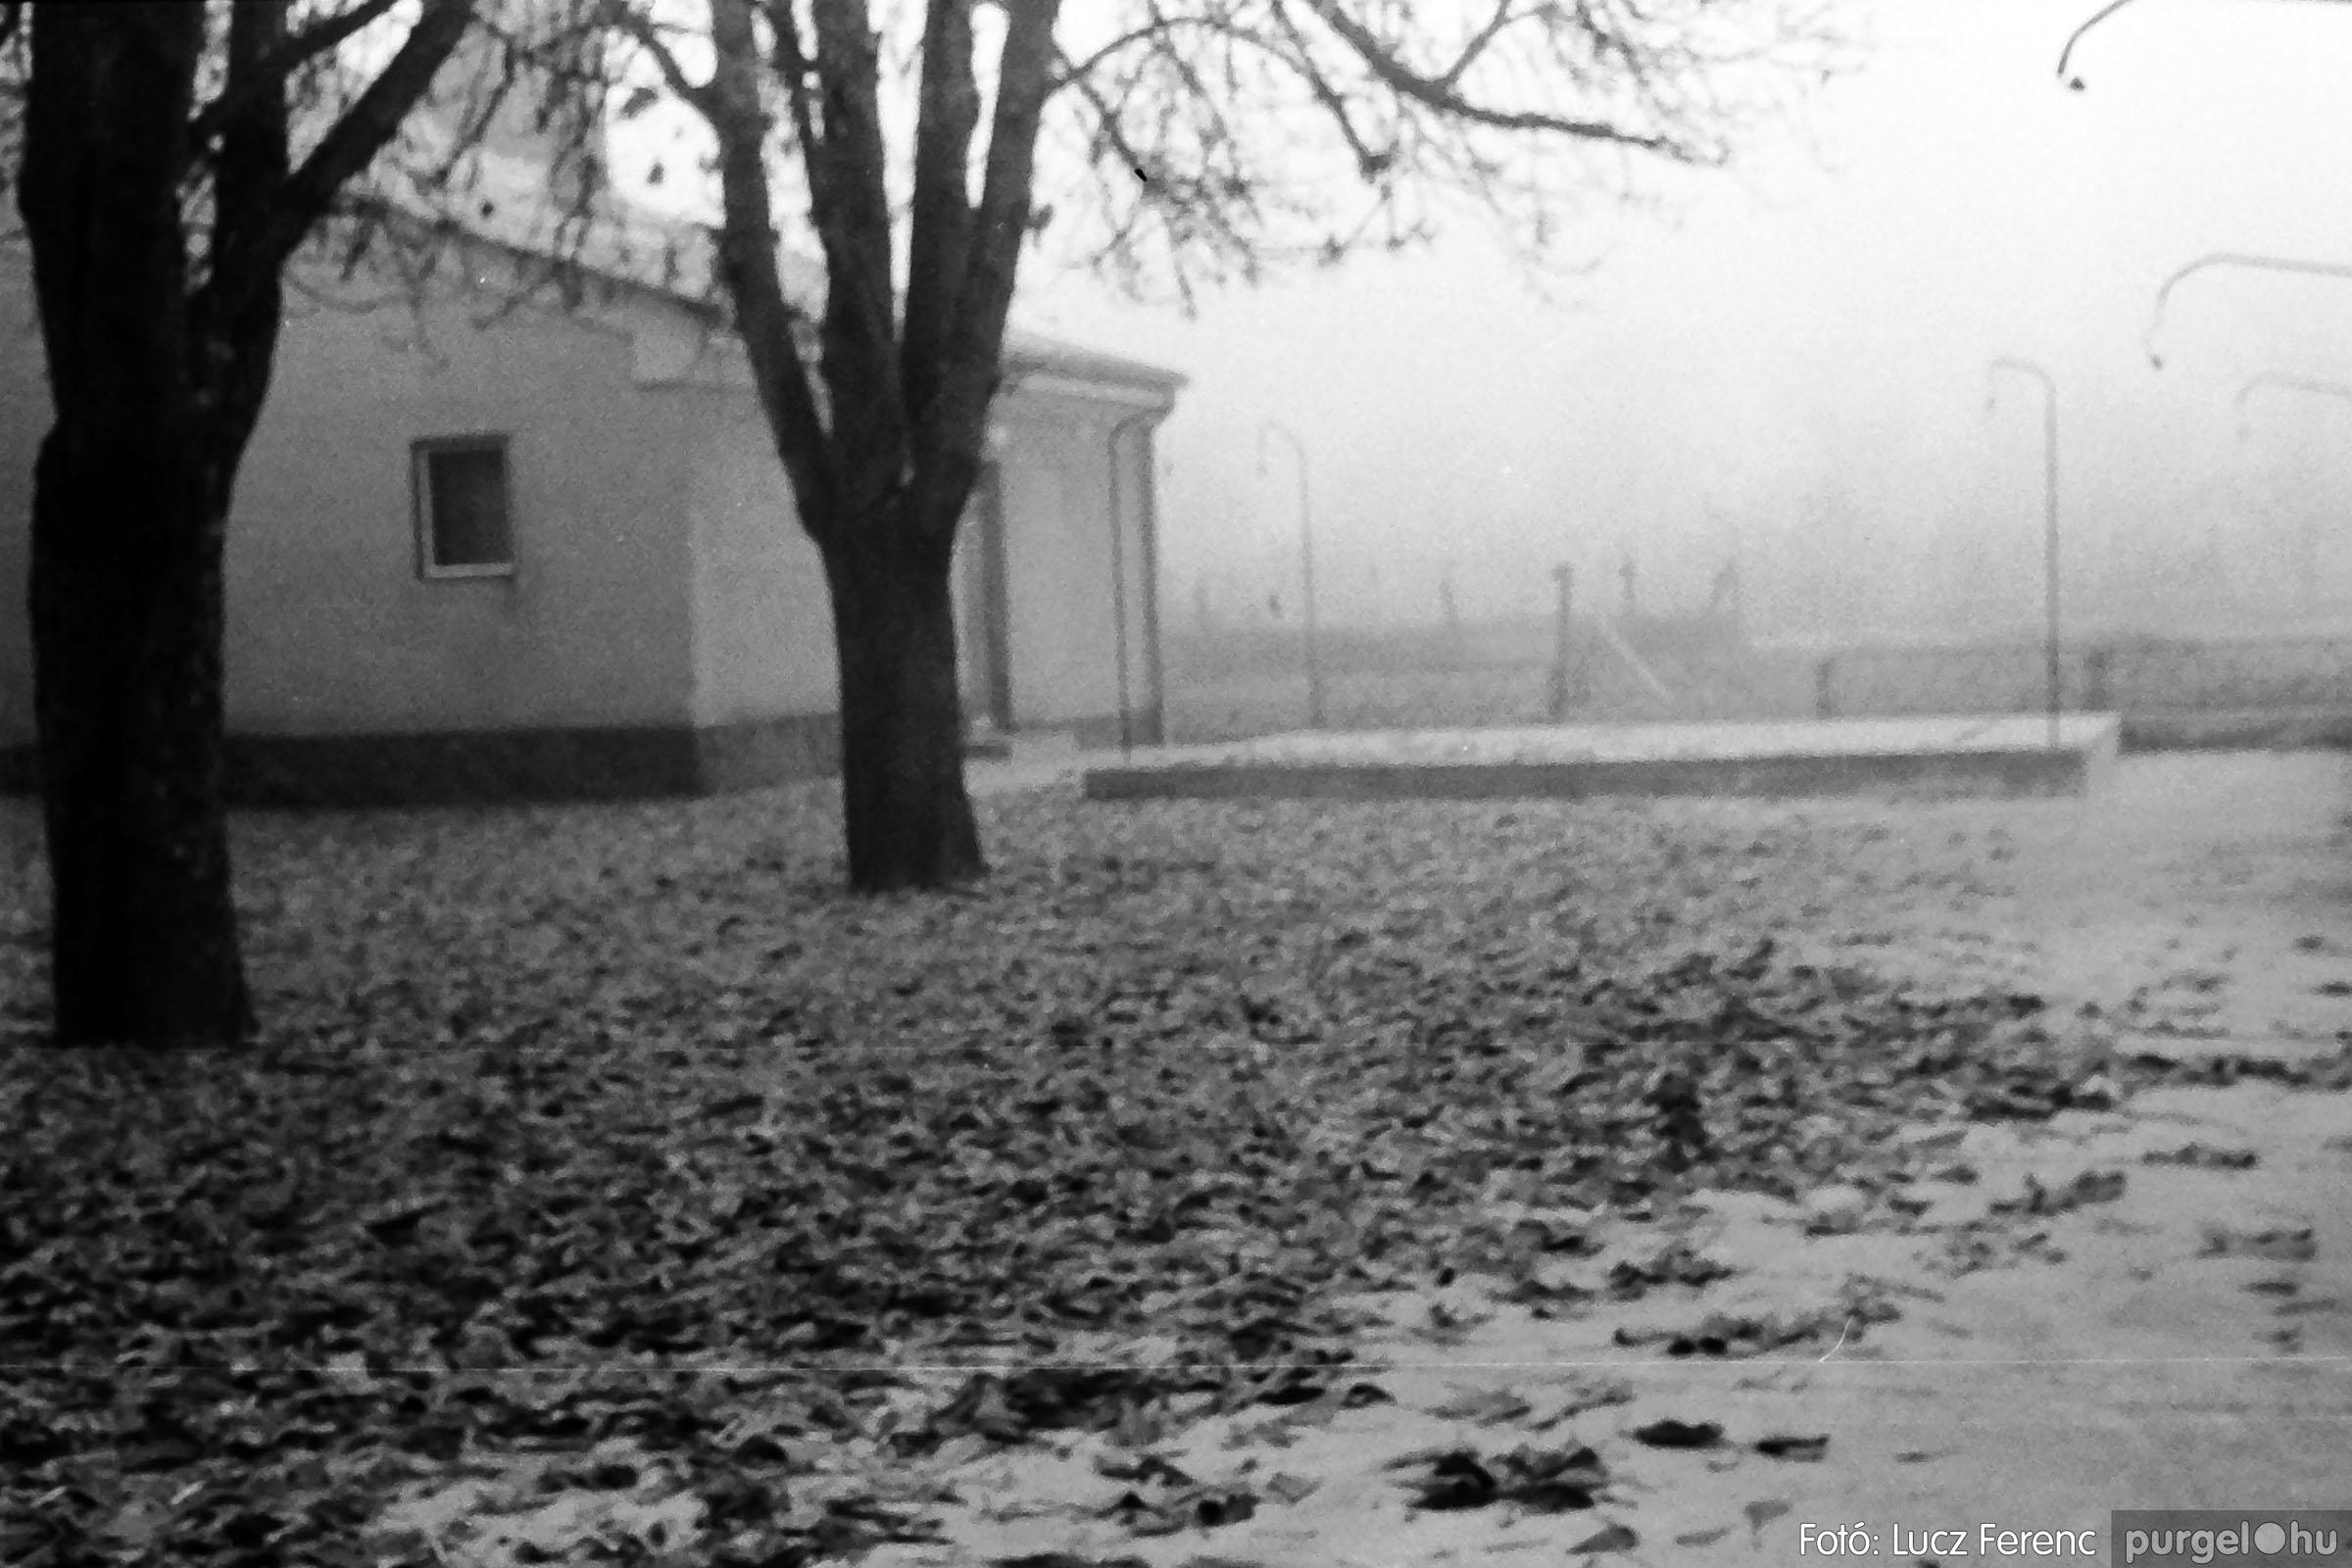 004A 1970-es évek - Úttörő rendezvény 001 - Fotó: Lucz Ferenc IMG00012q.jpg